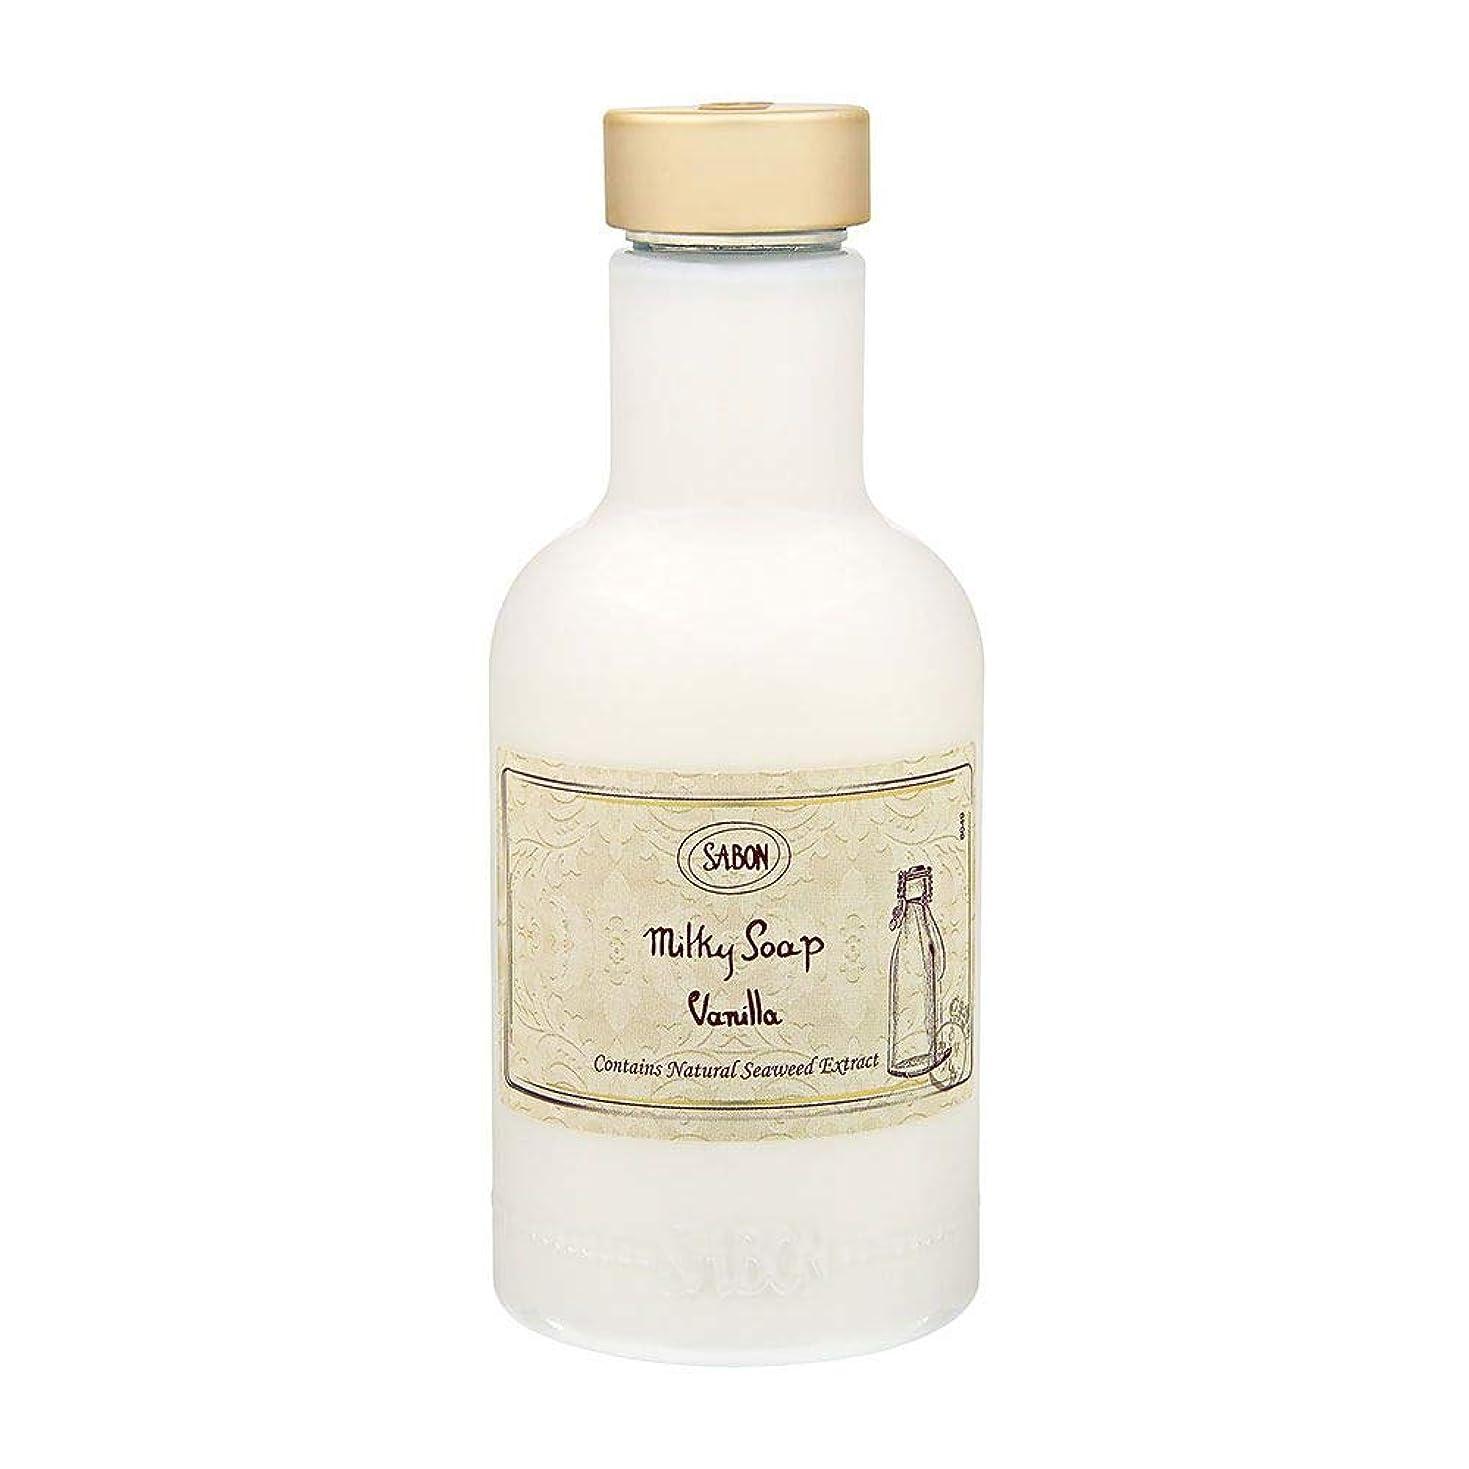 小屋フォロースナップサボン(SABON) ミルキーソープ バニラ [並行輸入品]